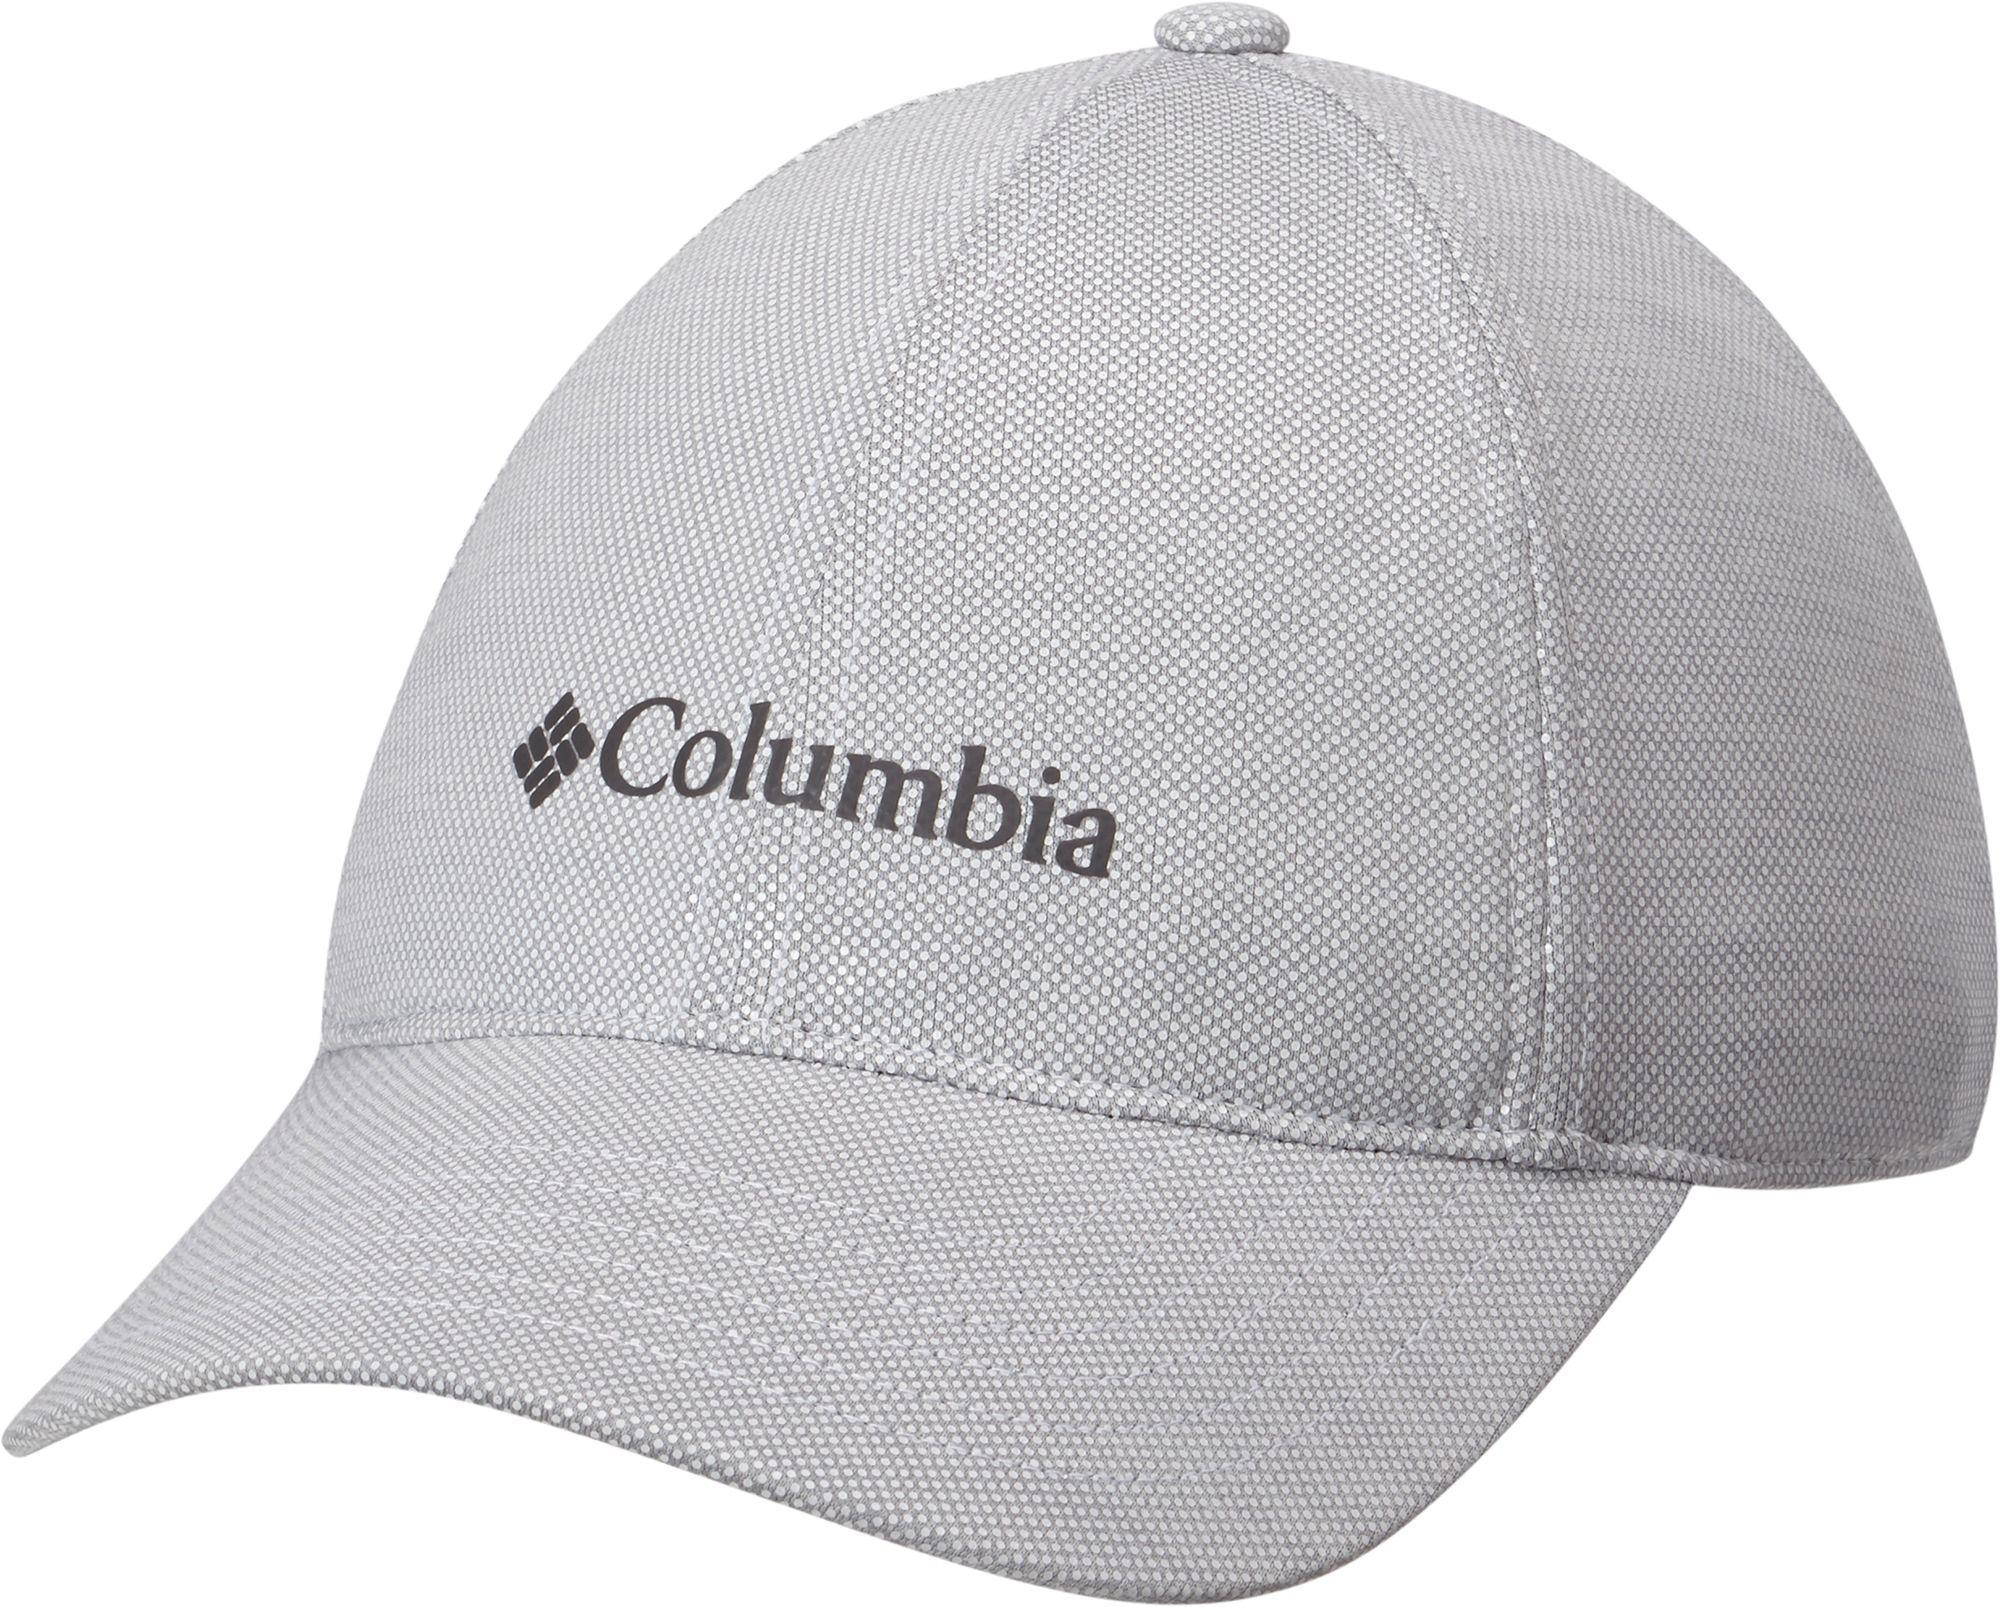 48eadf24c4e Lyst - Columbia Solar Chill Hat in Gray for Men